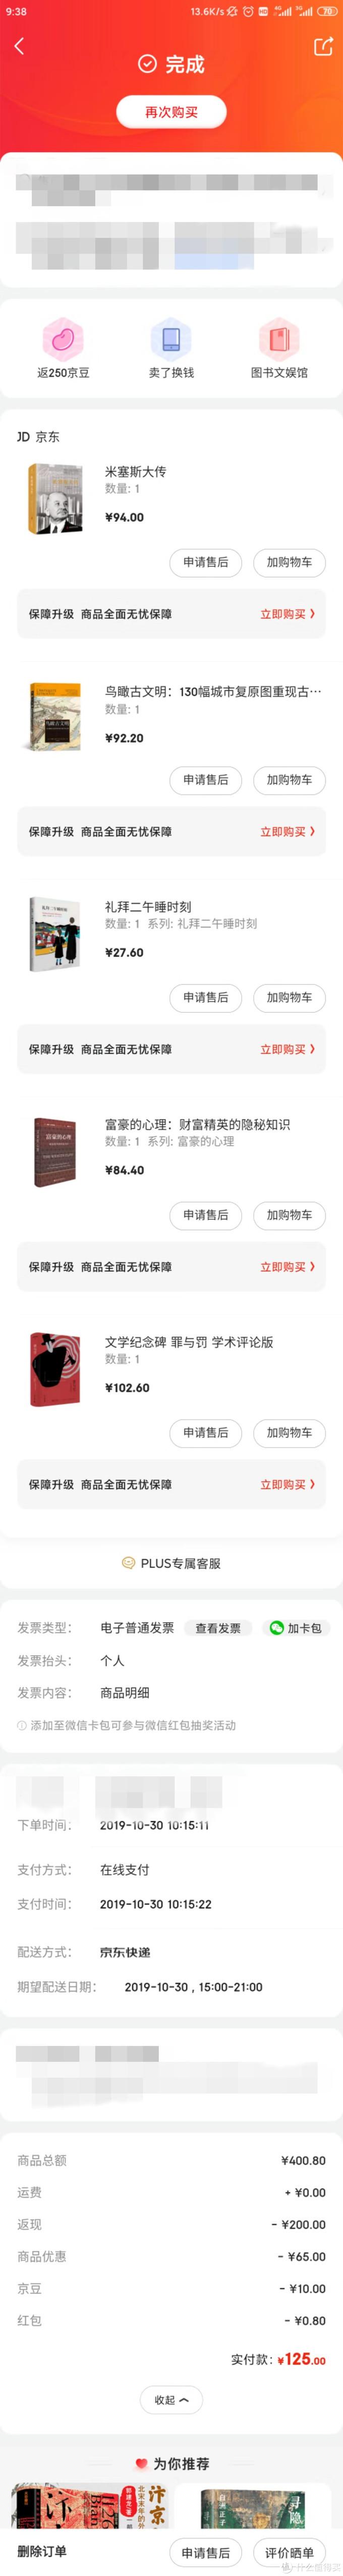 这波双十一买了这些书丨我为什么要买·京当篇